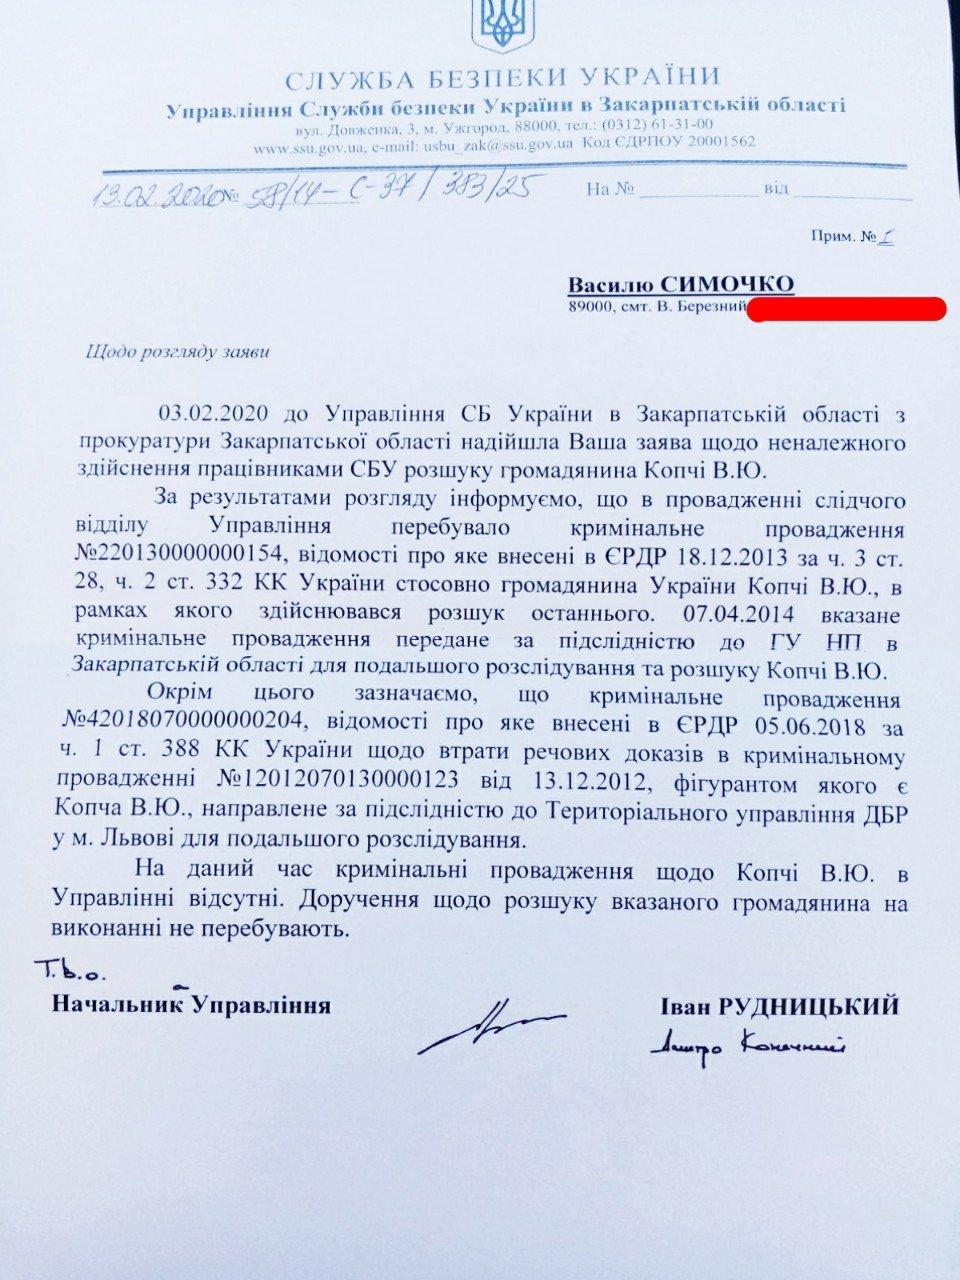 Суд на Закарпатті виправдав сумнозвісного Володимира Копчу, якого звинувачували у вбивстві вчителя, фото-3